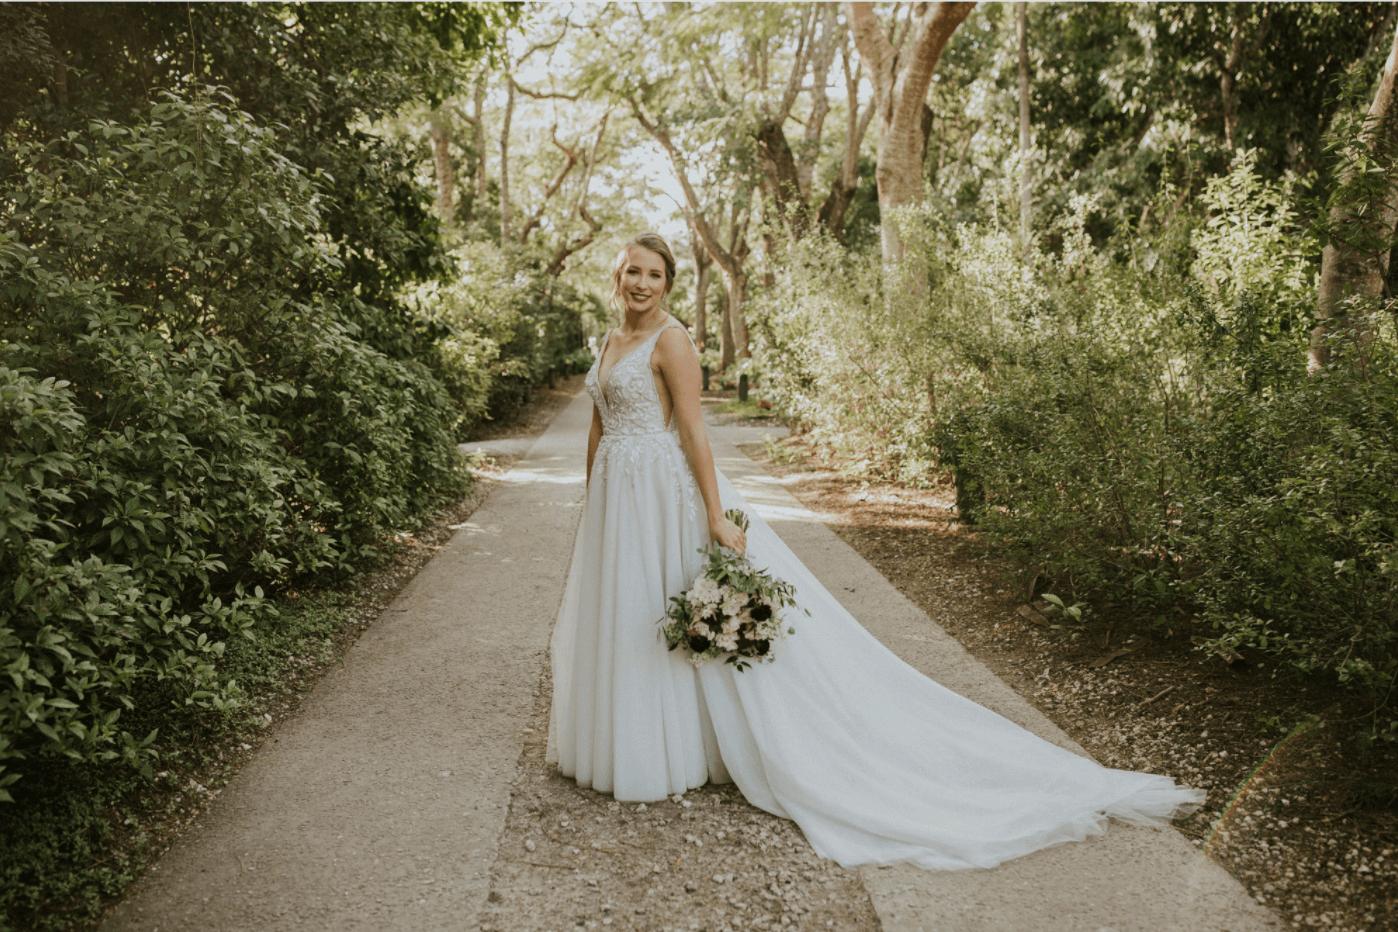 miami bride at the historic deering estat waterfront wedding venue